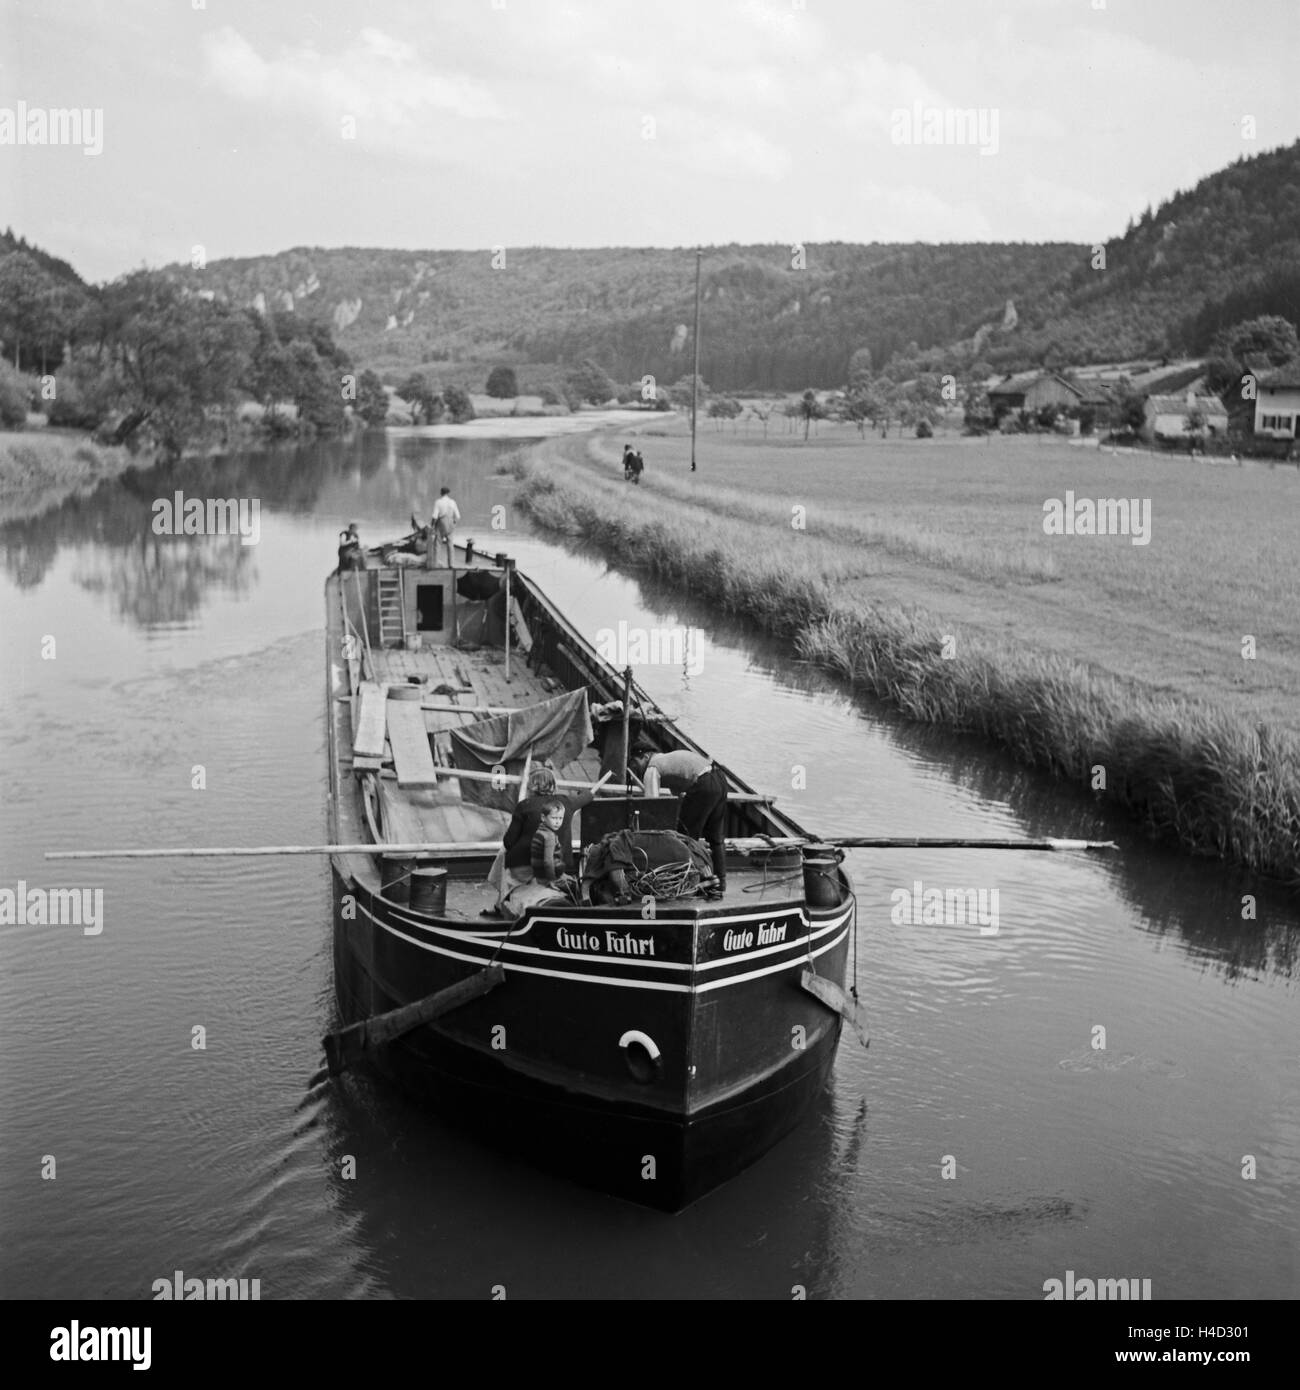 Frachtkahn 'Gute Fahrt' auf der Altmühl im Altmühltal, Deutschland 1930er Jahre. Freight ship - Stock Image